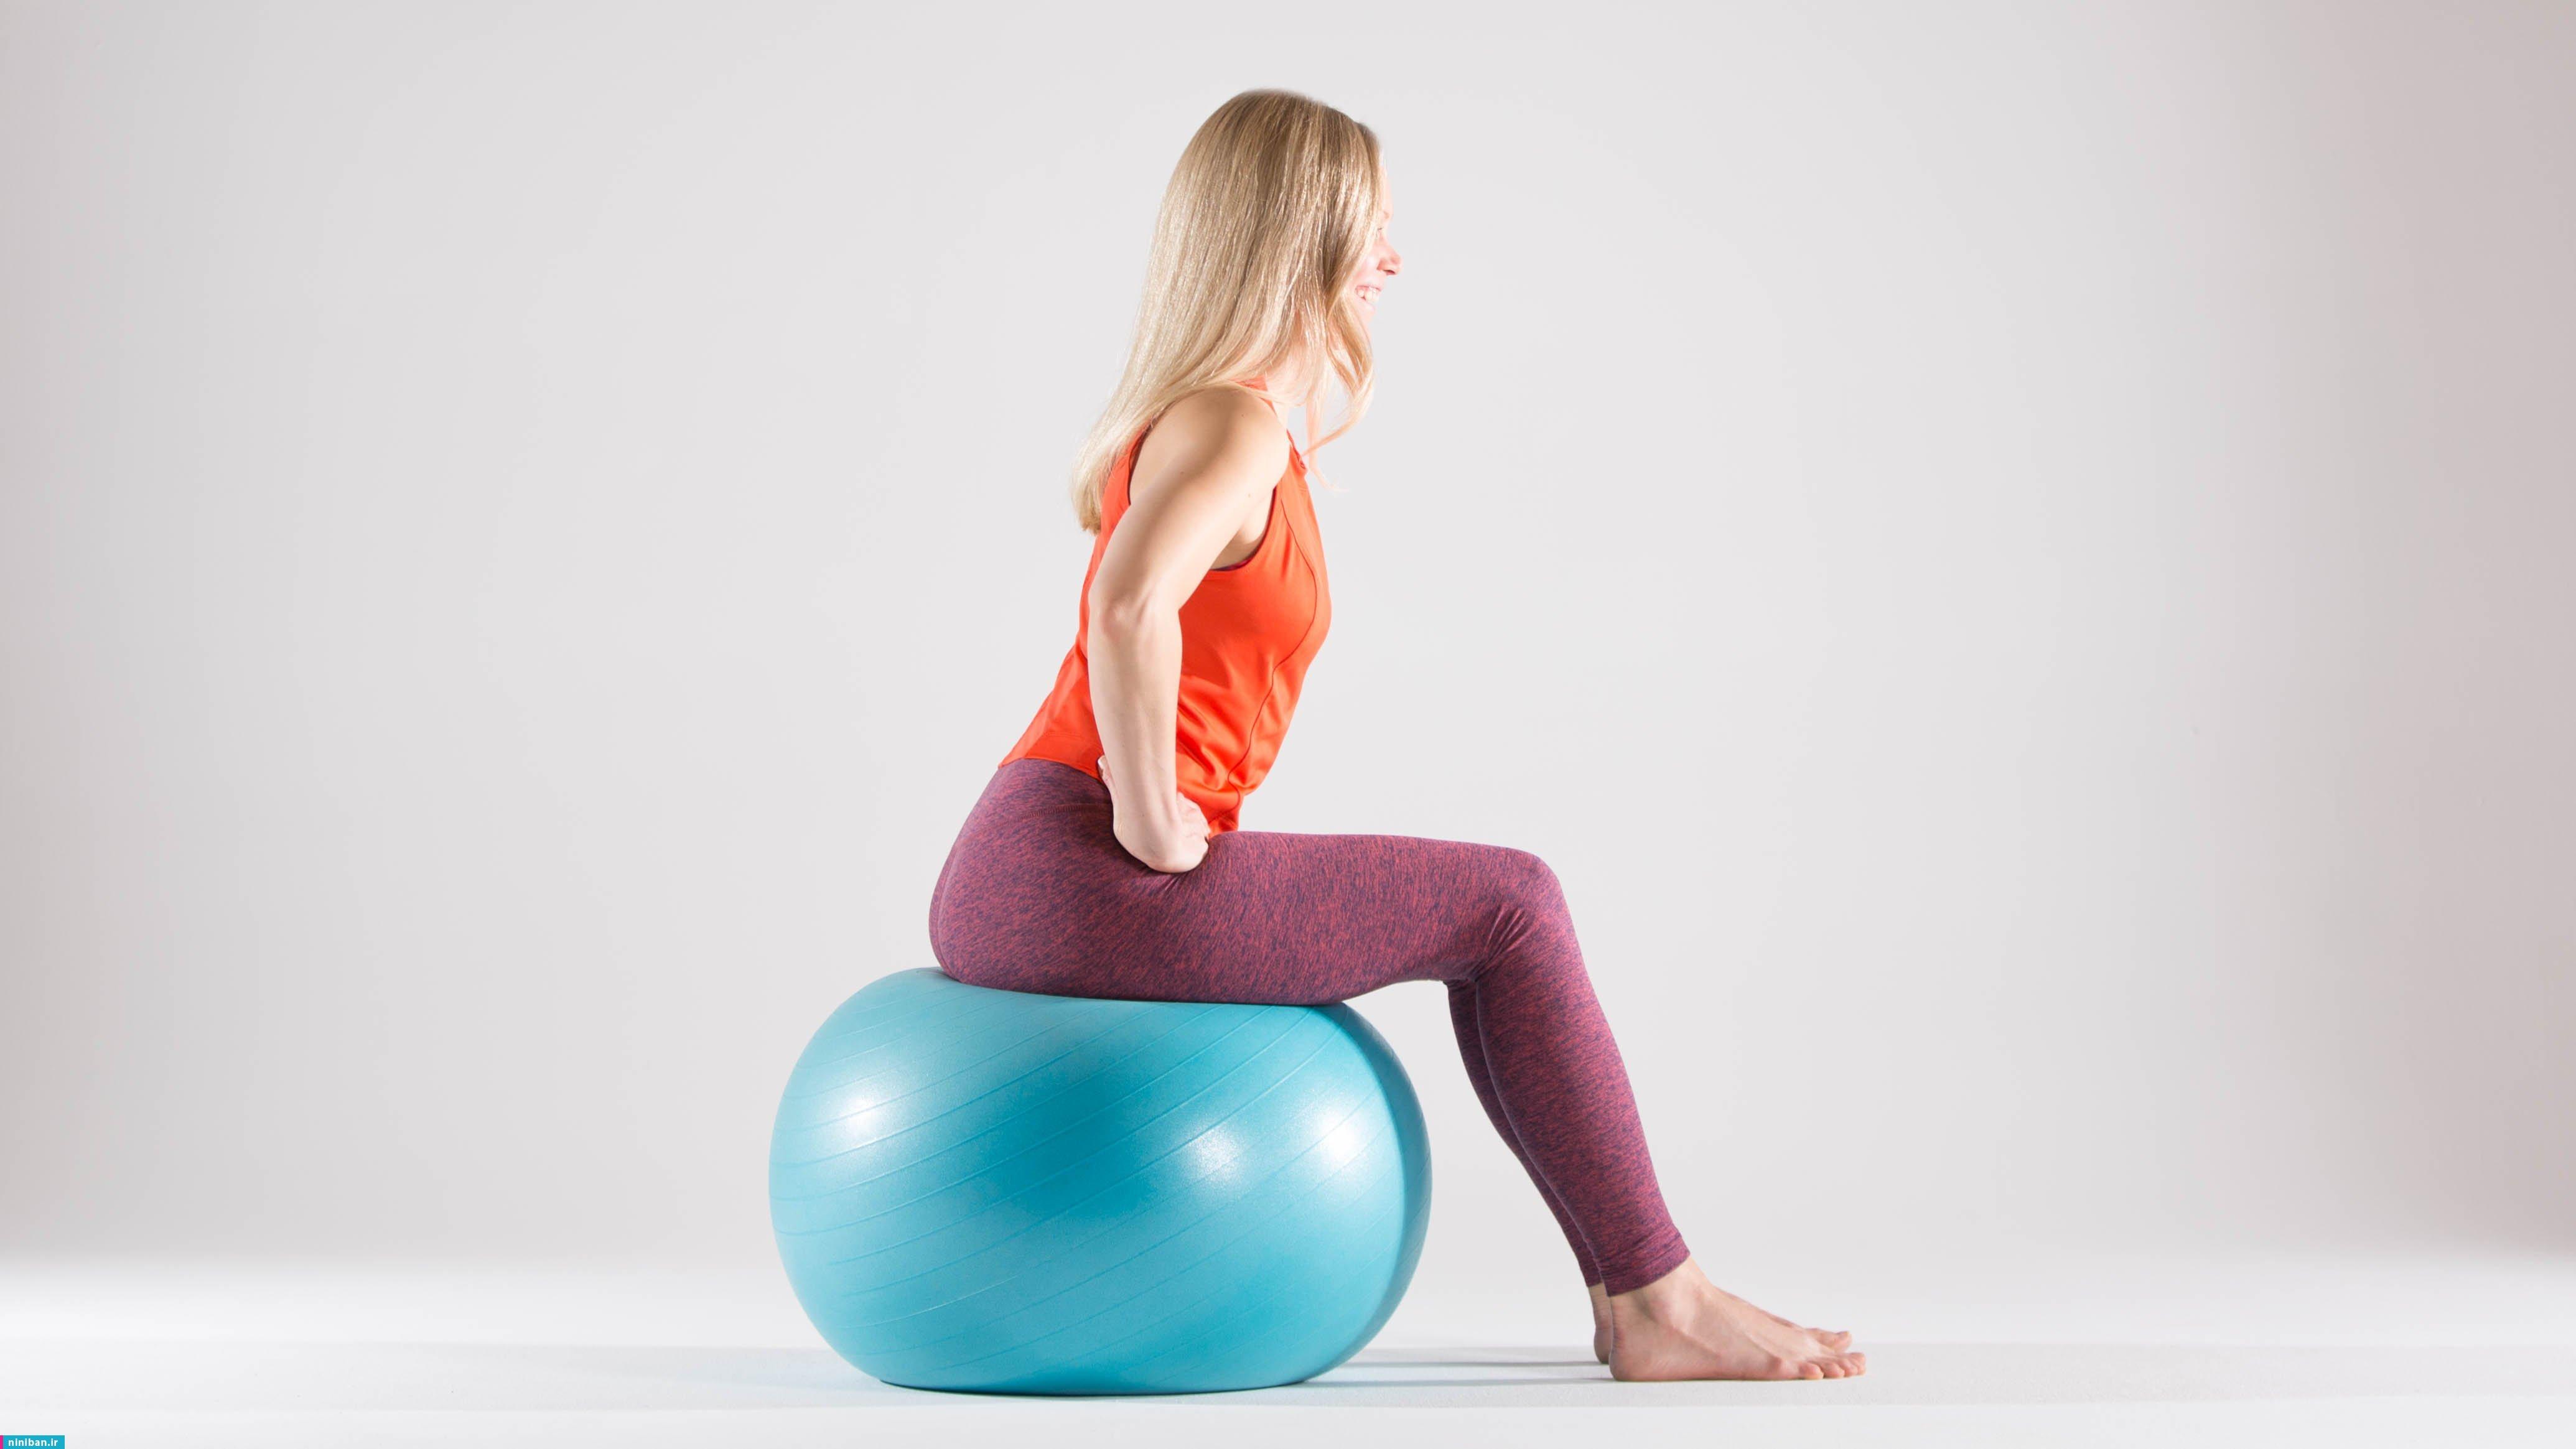 وسایل ورزشی خانگی؛ راهکار کاربردی و ارزان برای تناسب اندام